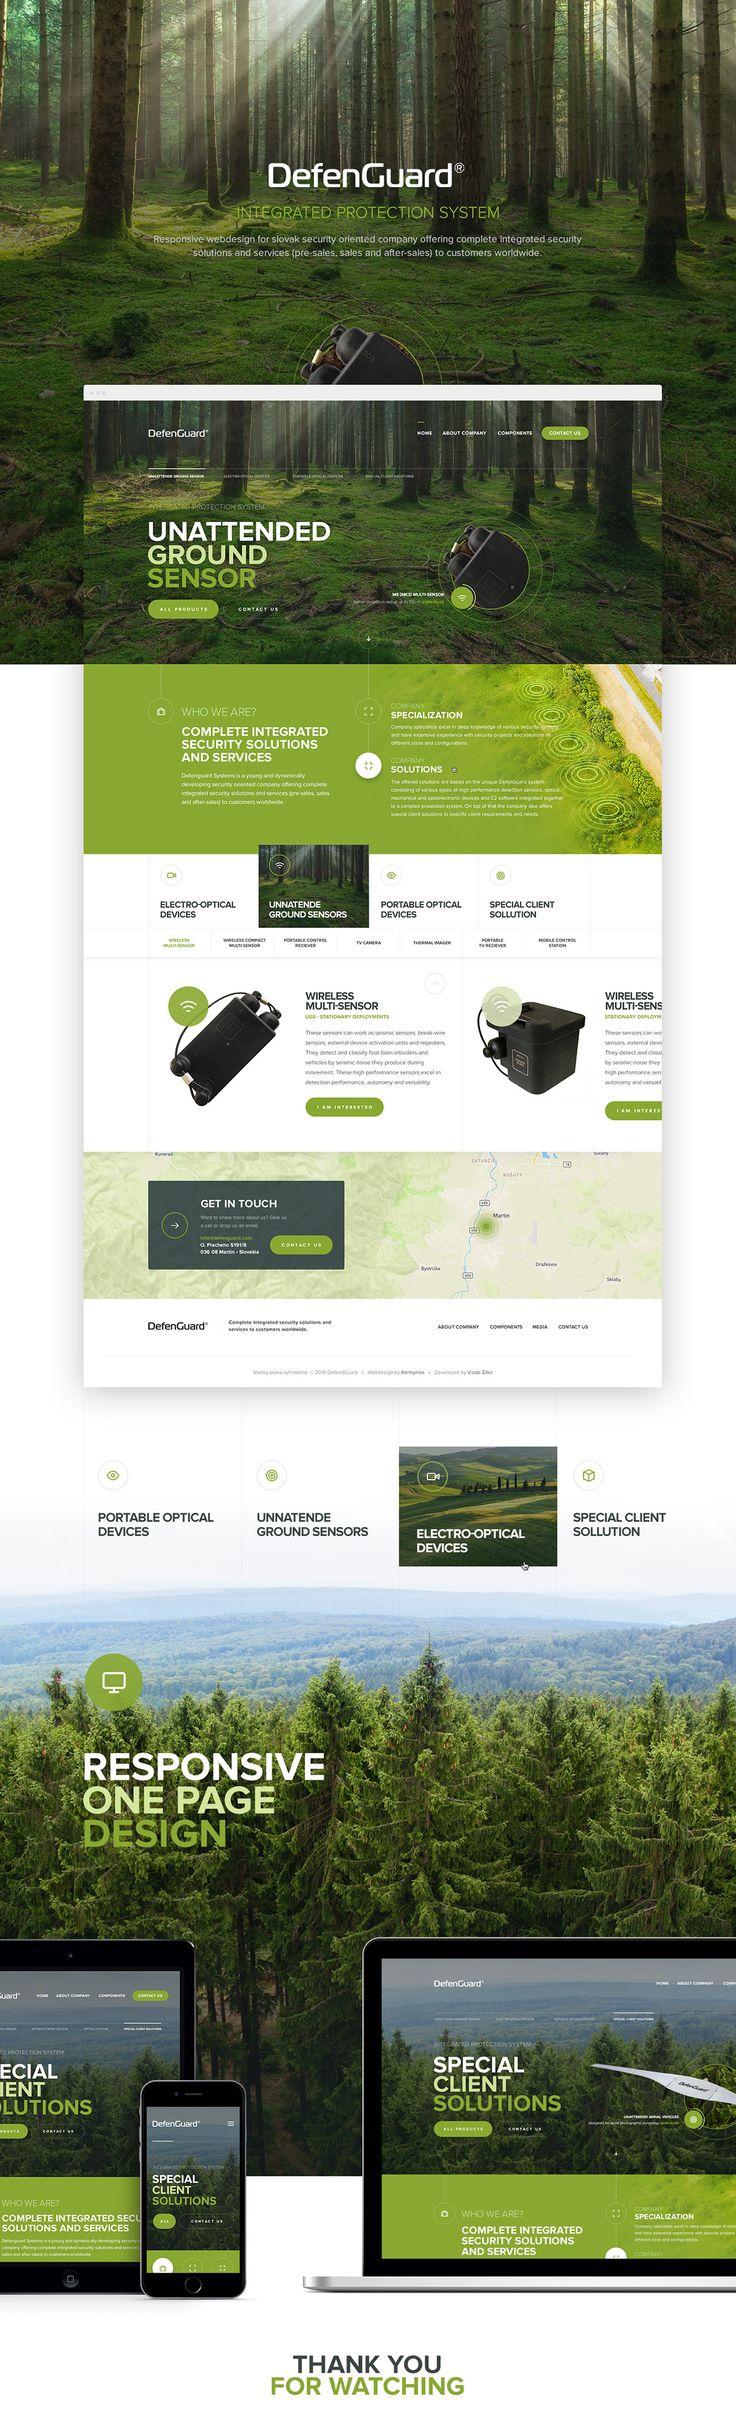 DefenGuard on Web Design Served